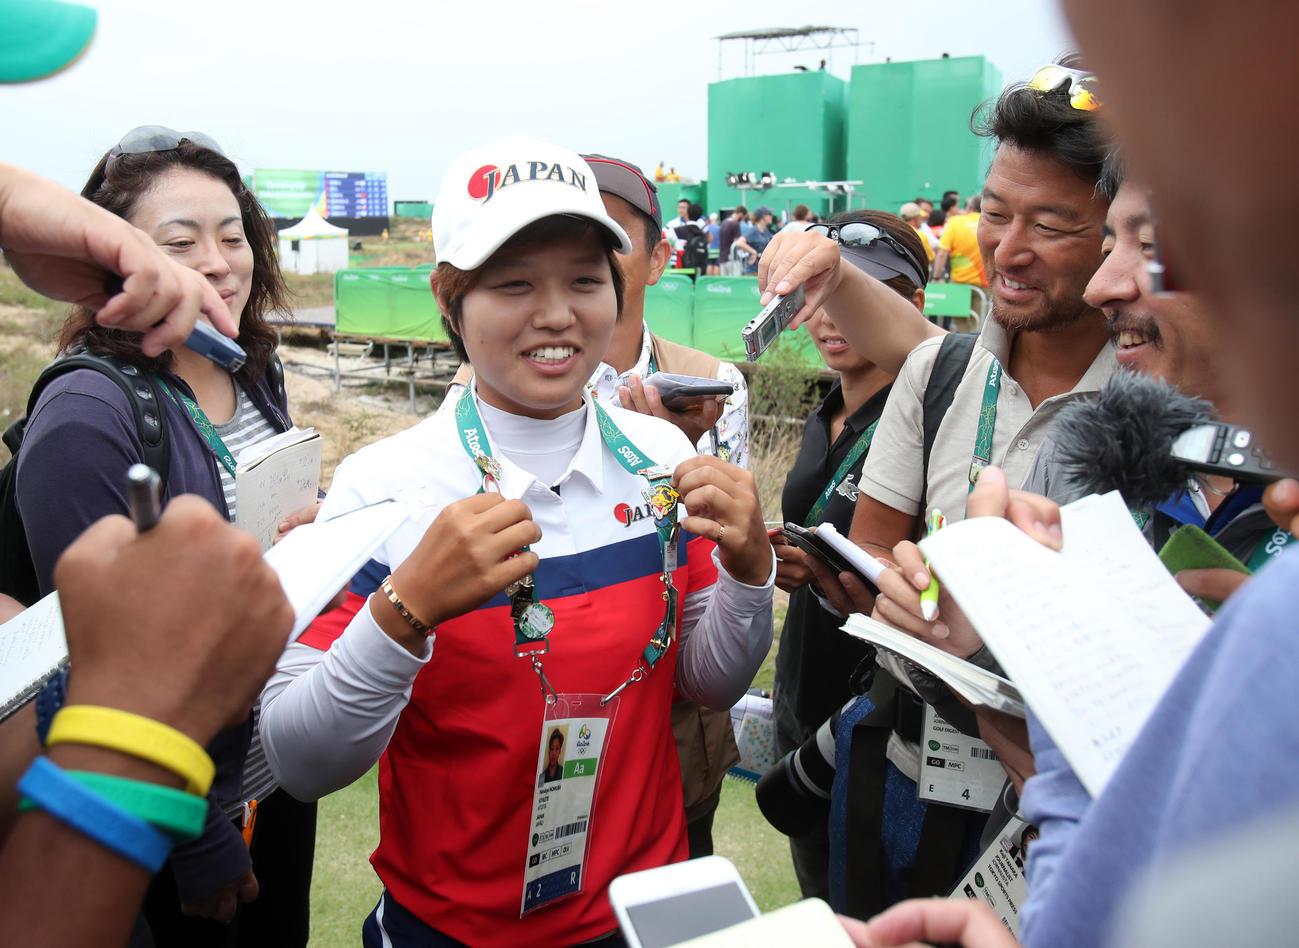 16年8月20日、リオデジャネイロ五輪 ゴルフ女子 最終ラウンド 笑顔で取材に応じる野村敏京